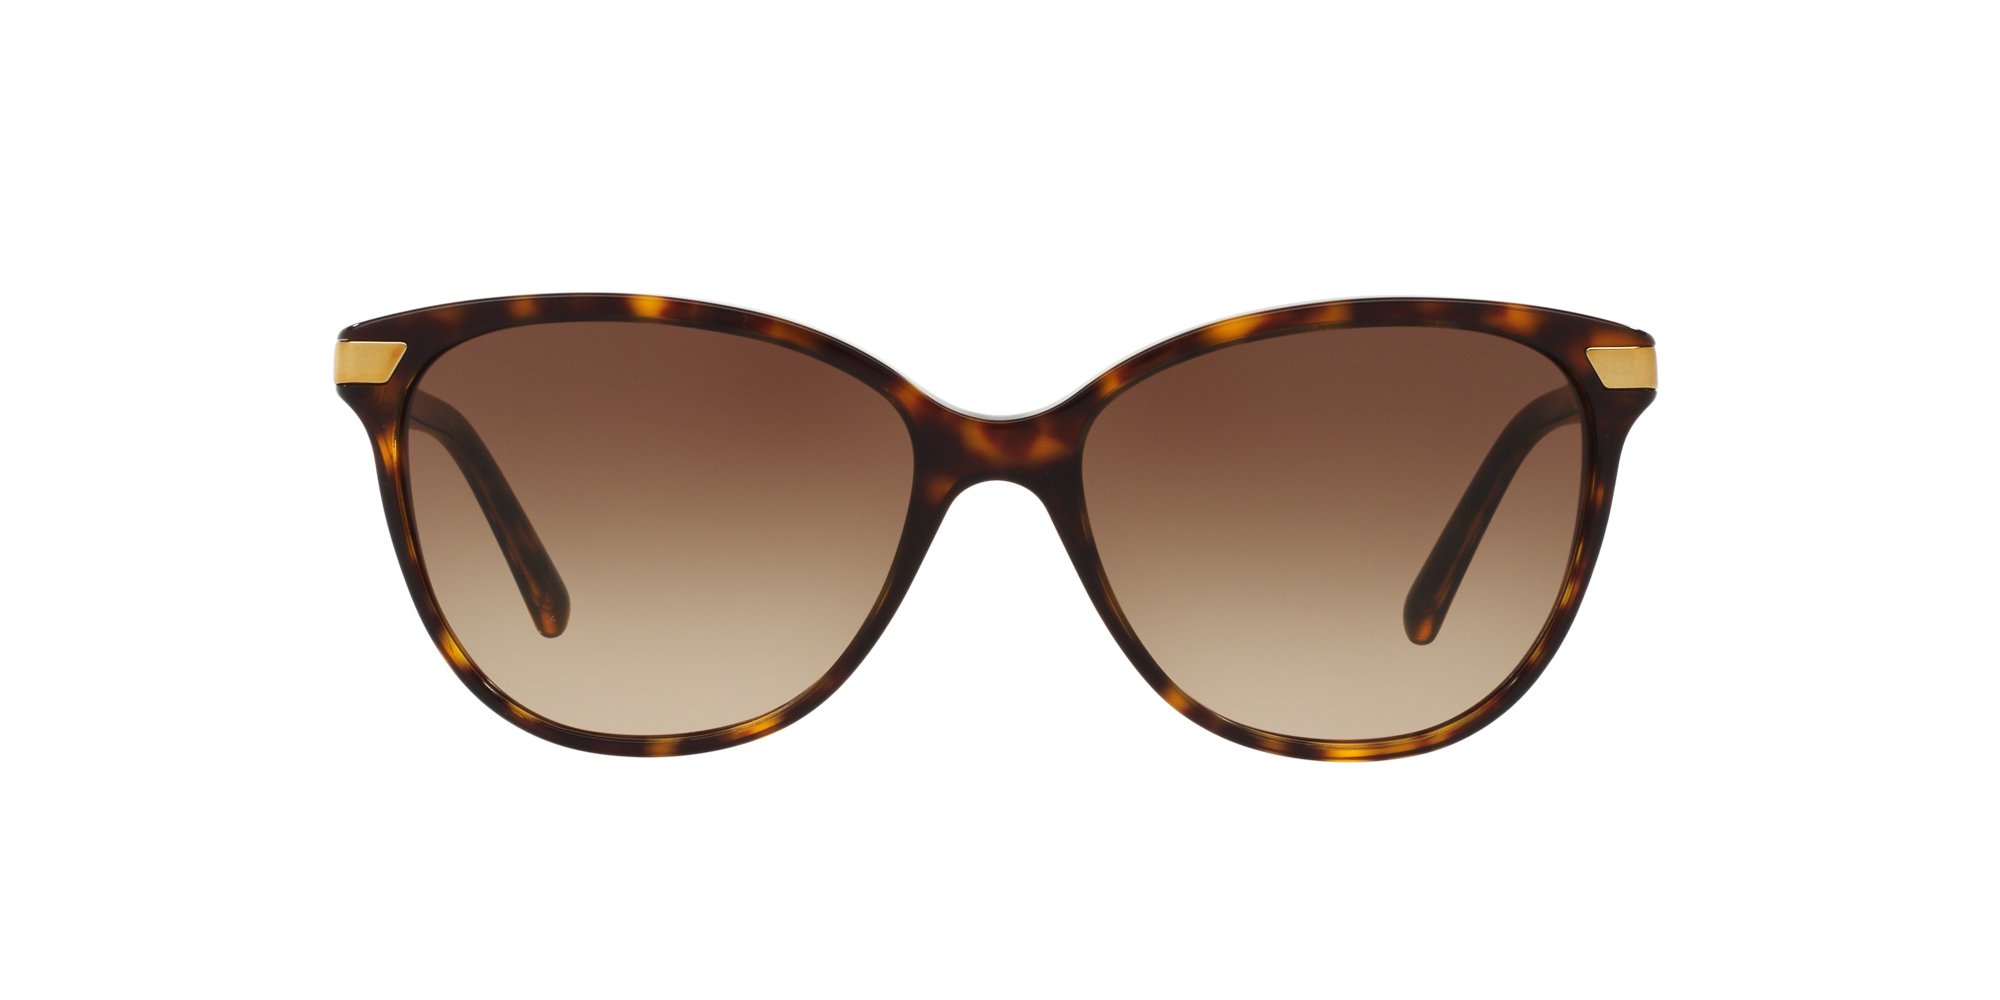 Imagen para BE4216 57 de LensCrafters |  Espejuelos, espejuelos graduados en línea, gafas